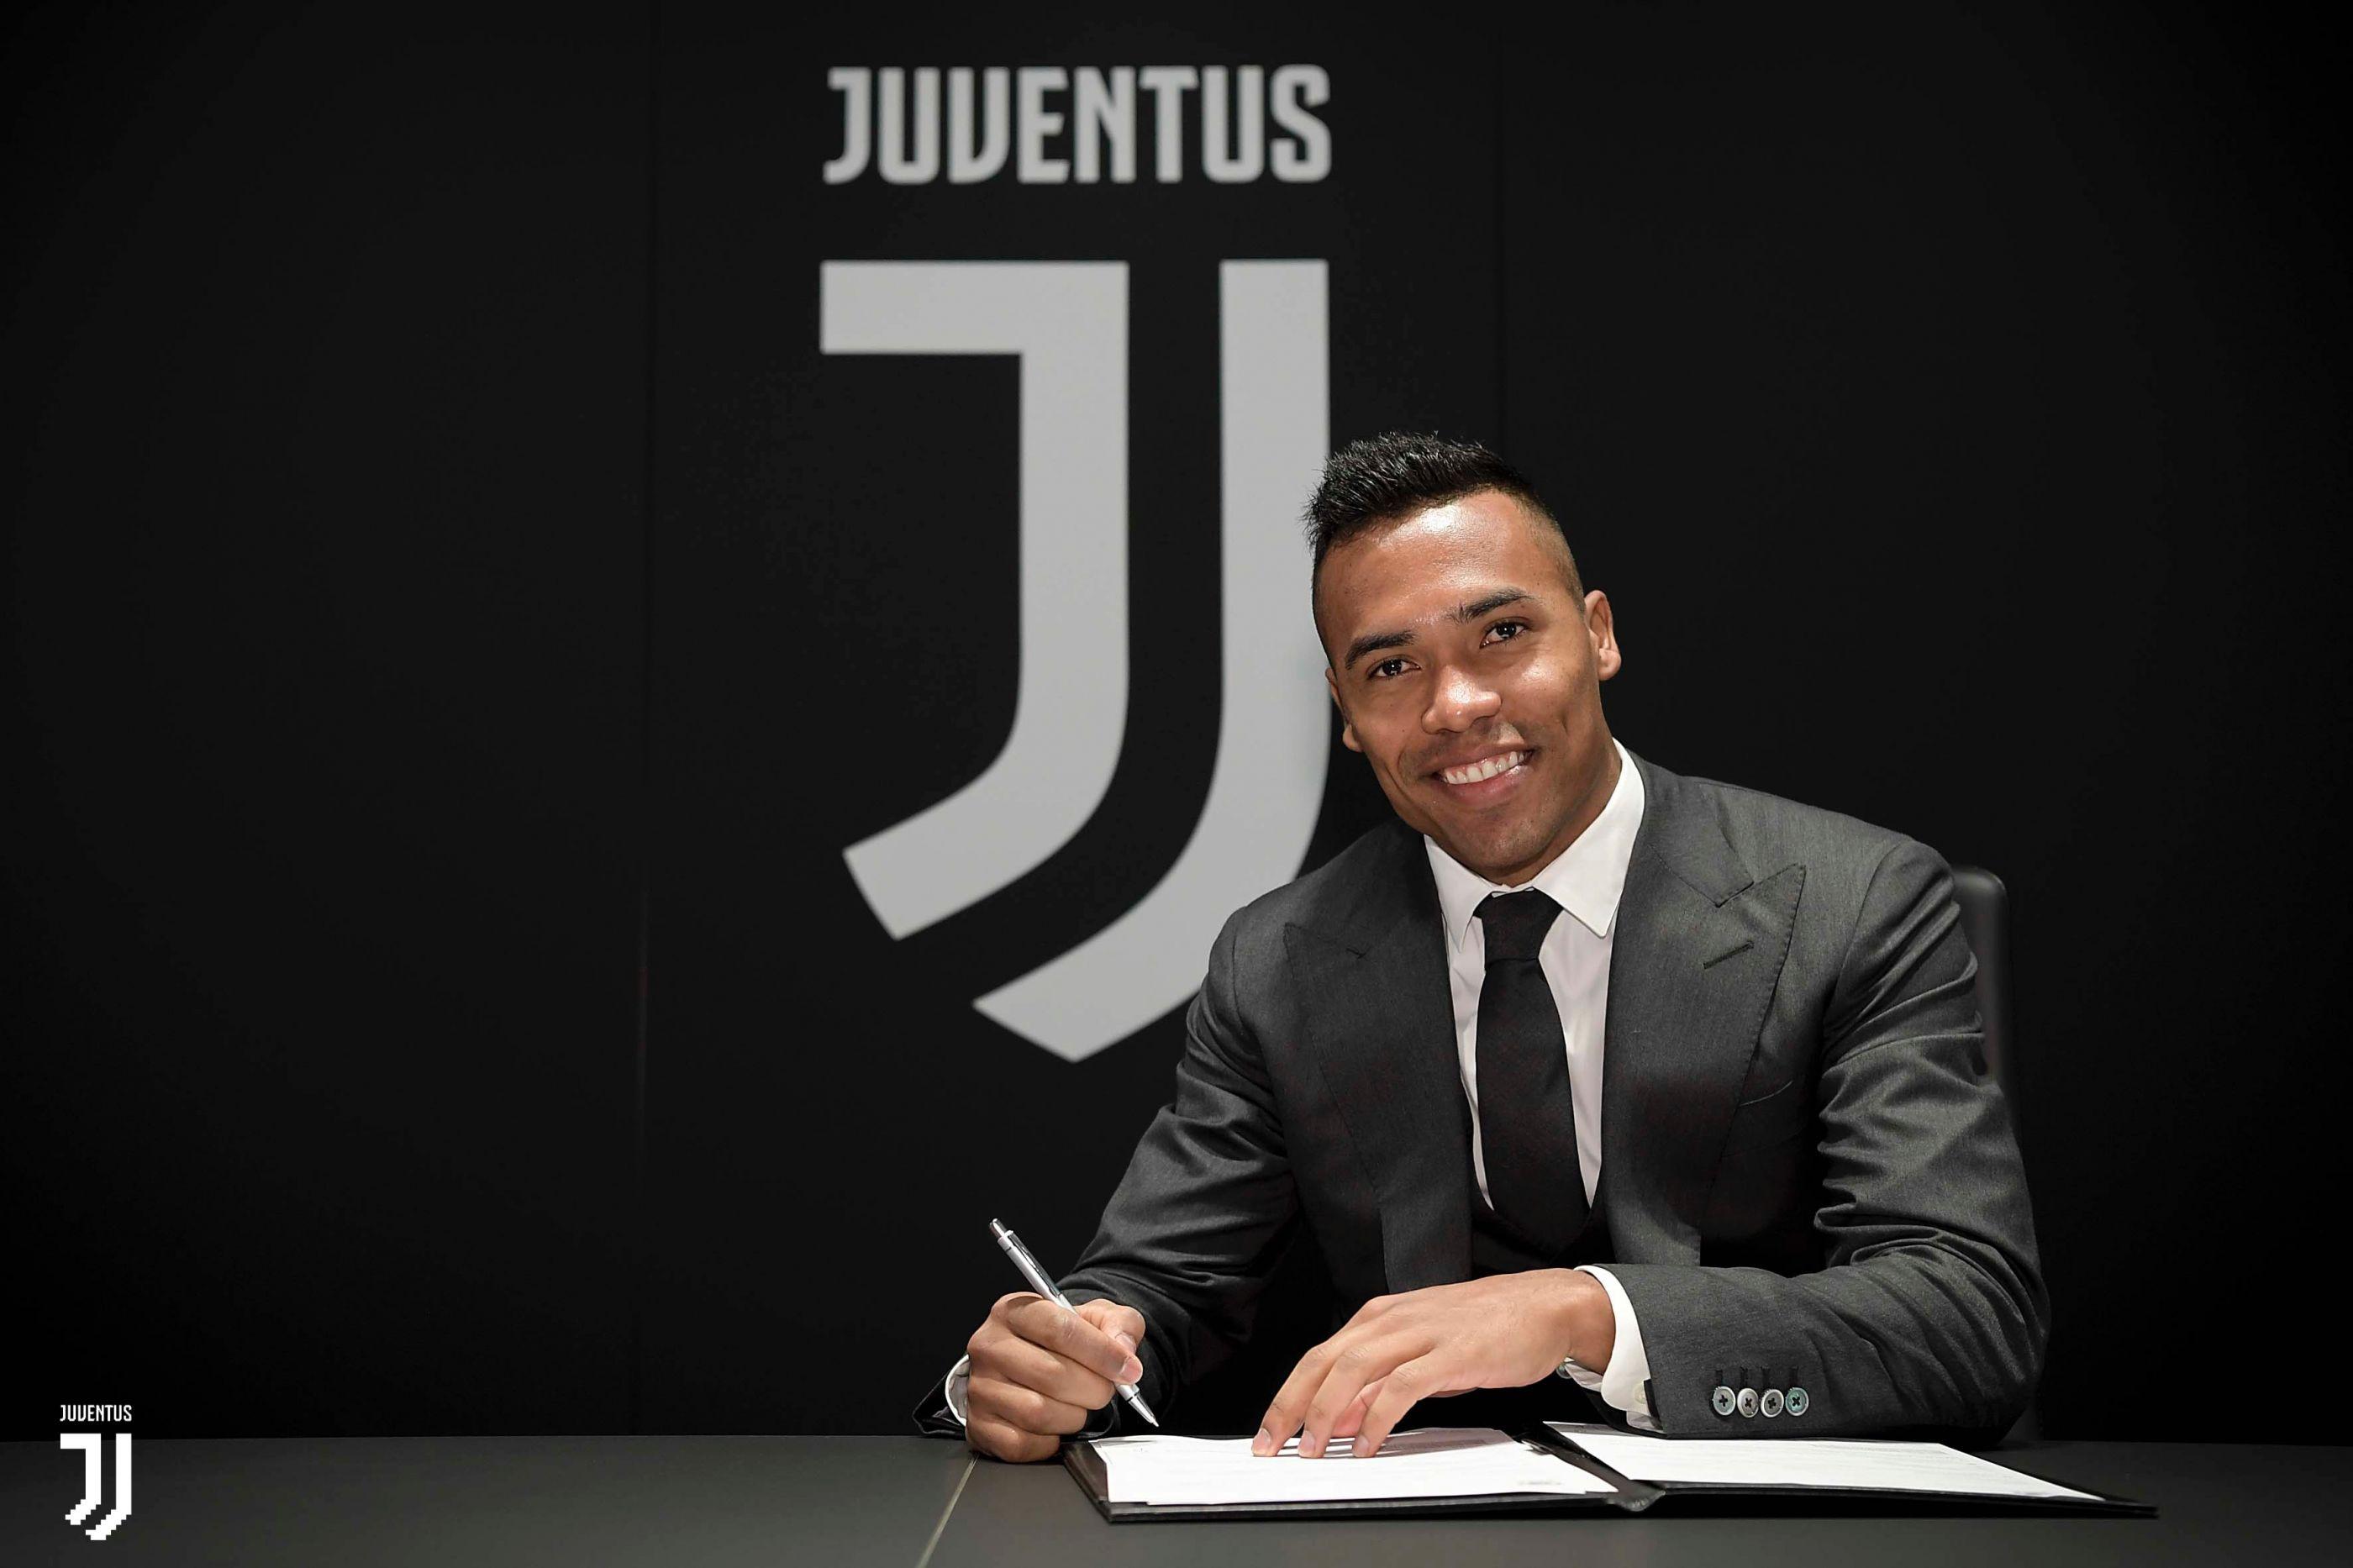 Oficial: Acabaram-se os rumores. Alex Sandro renova com a Juventus